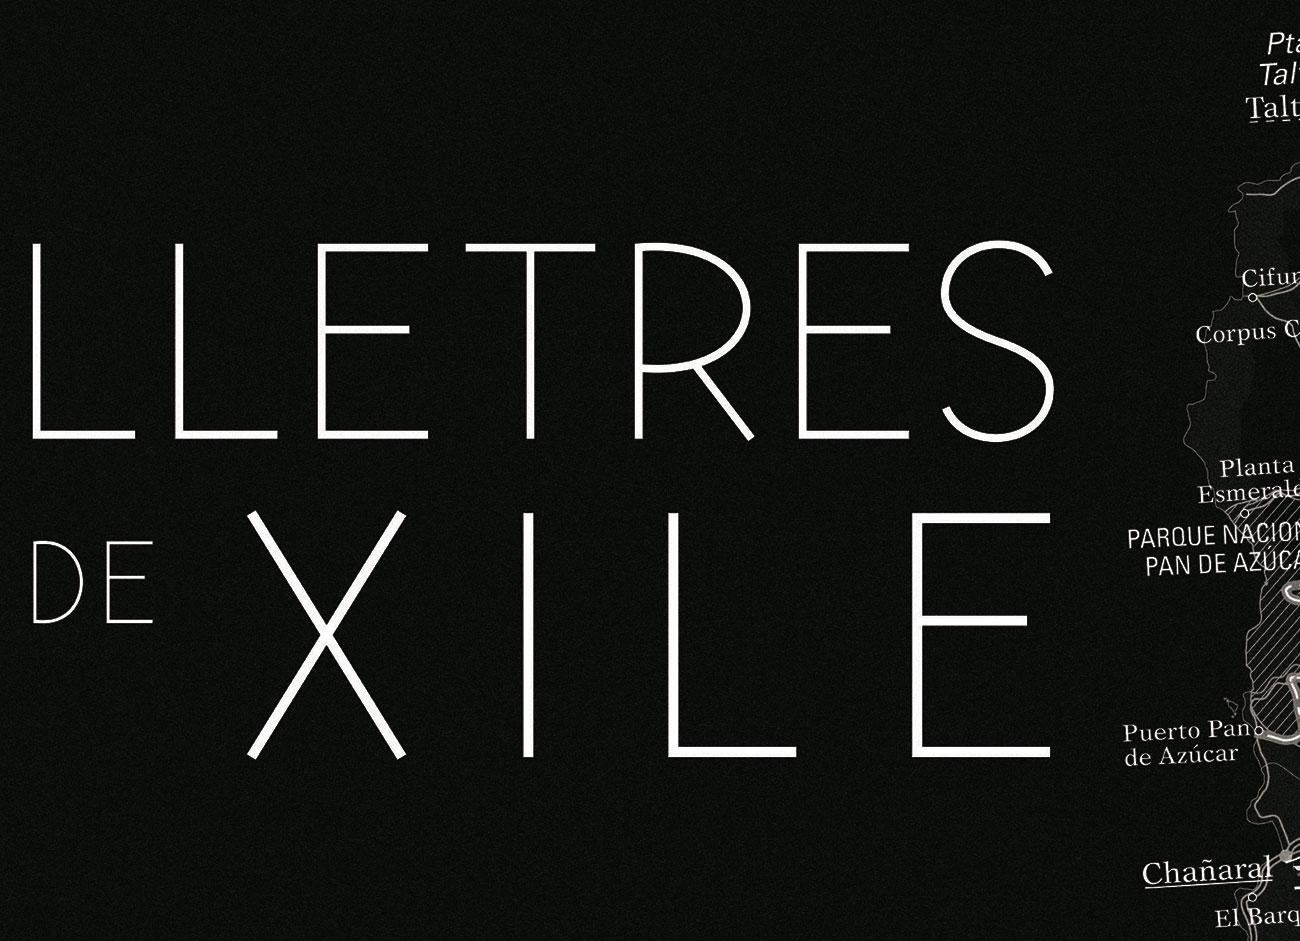 letras-de-chile-01